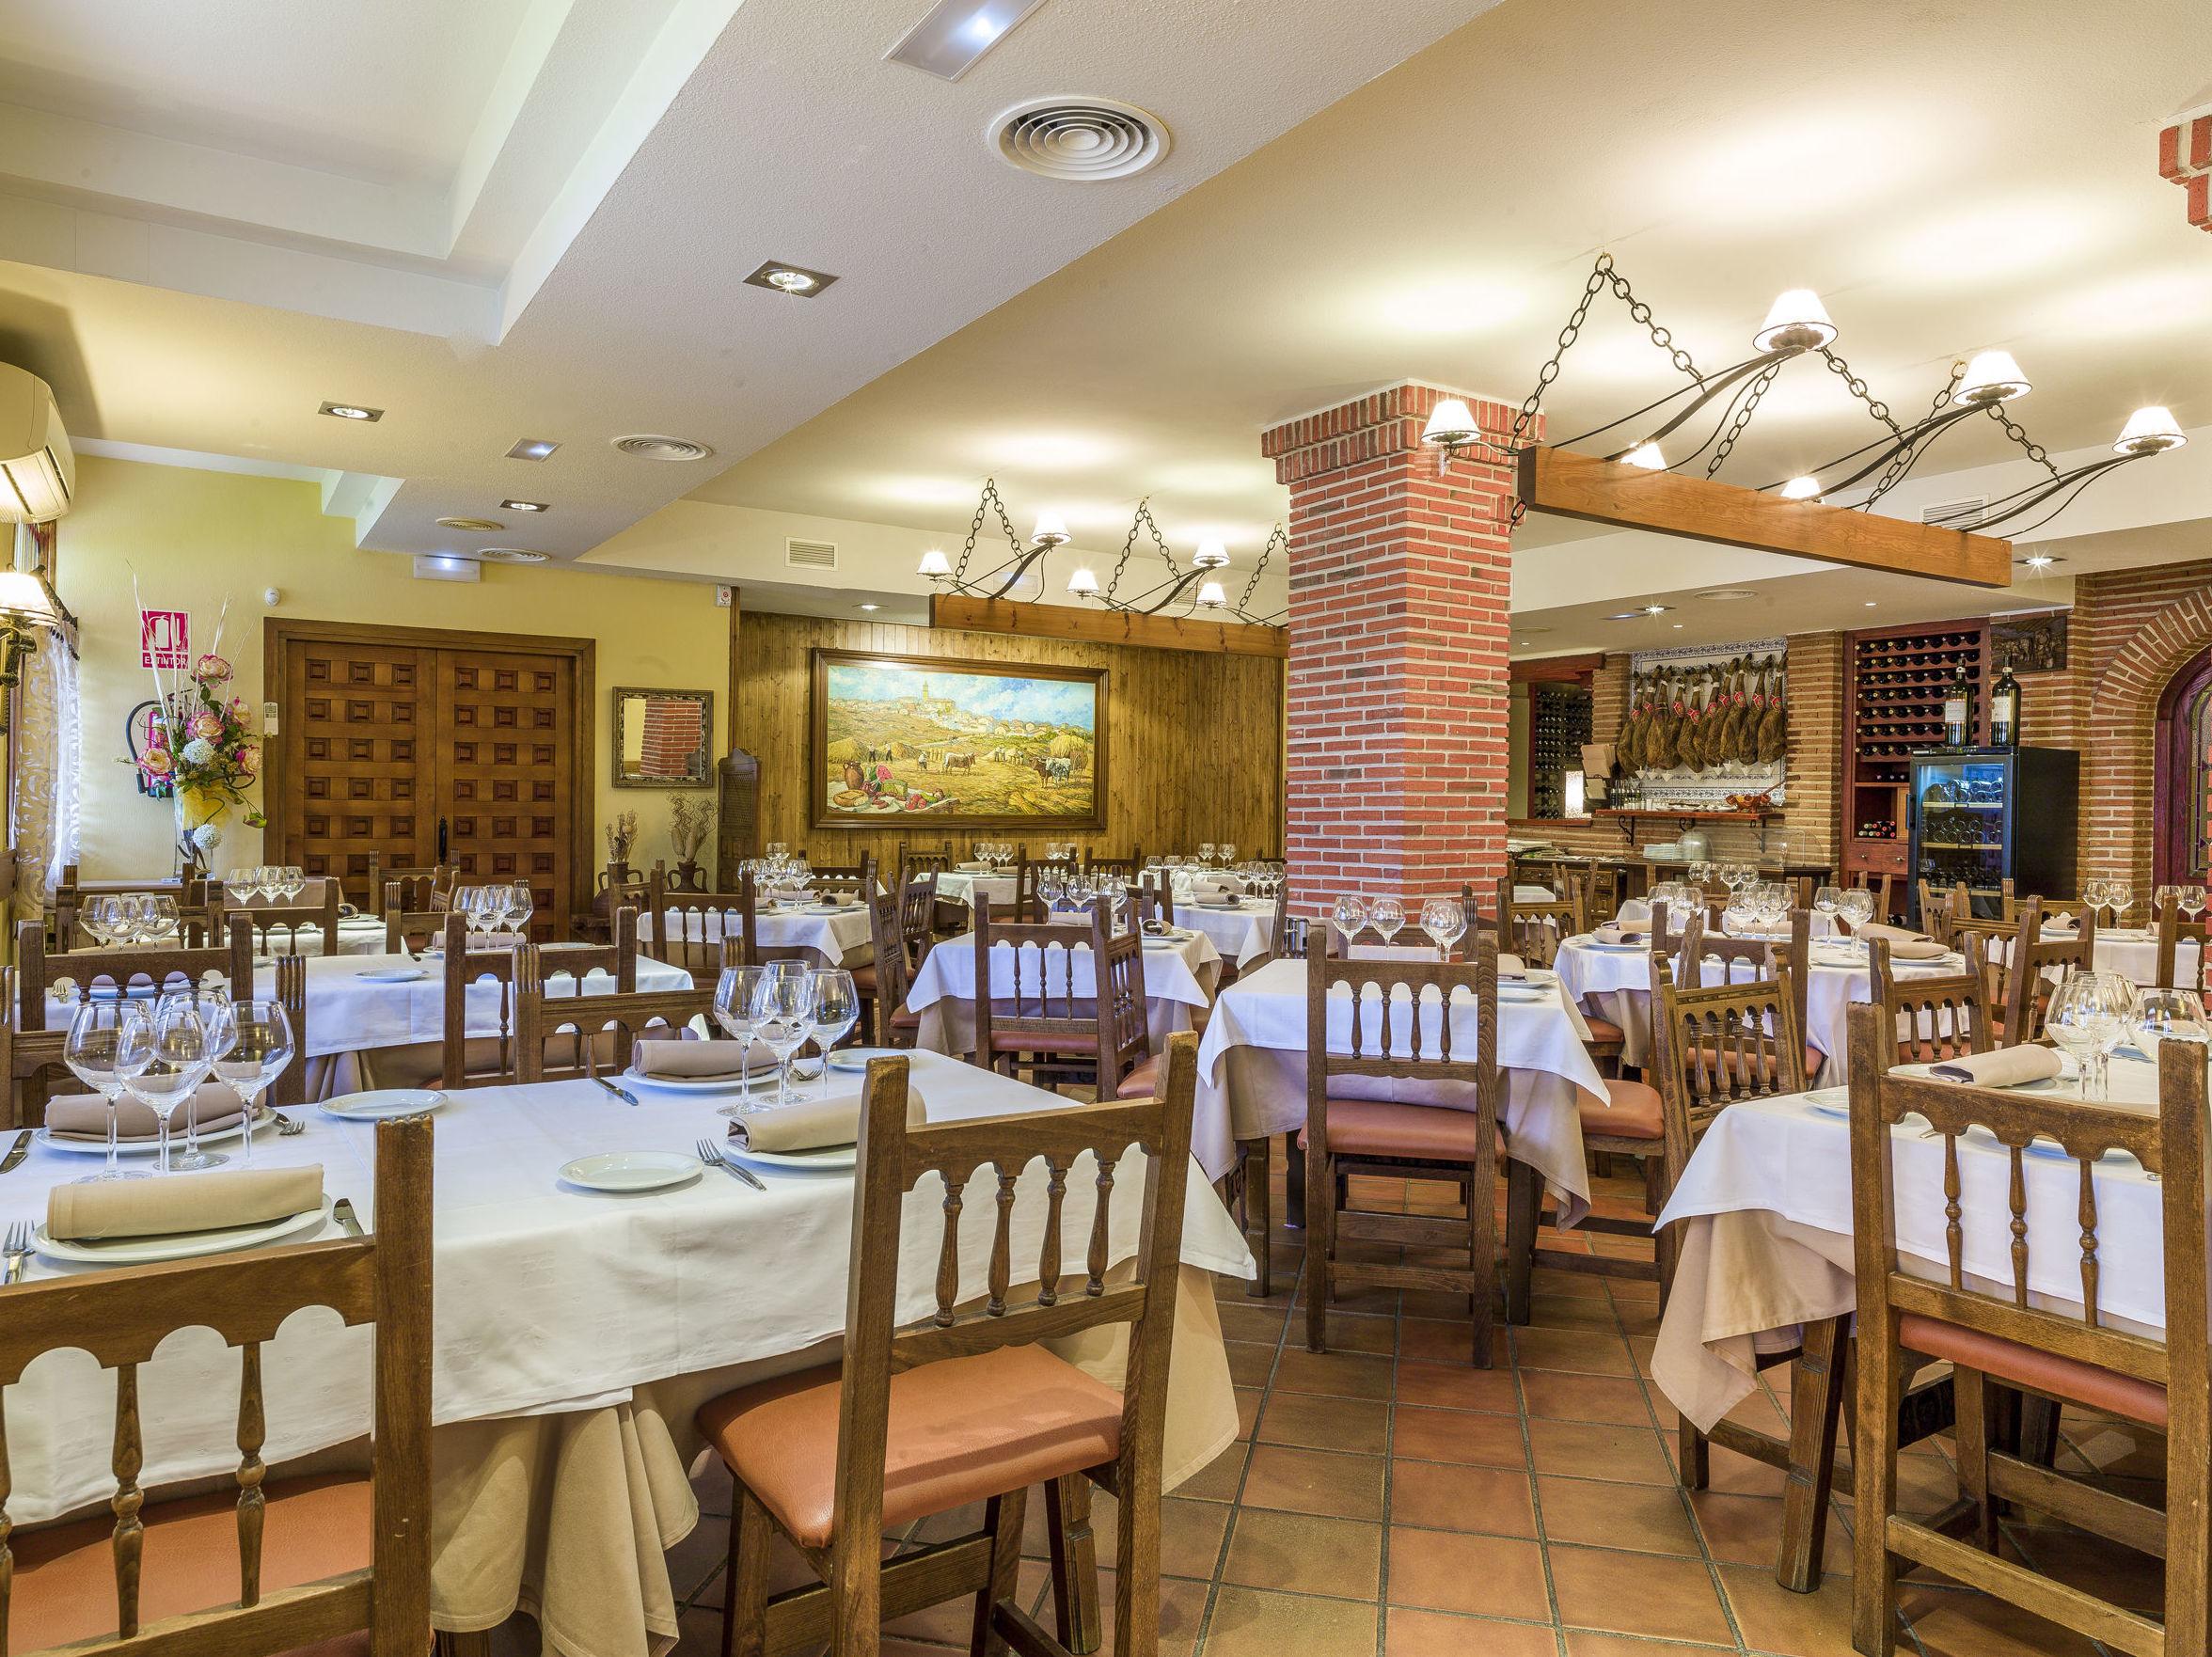 Restaurante Santi Mostacilla, cocina tradicional en Colmenar Viejo